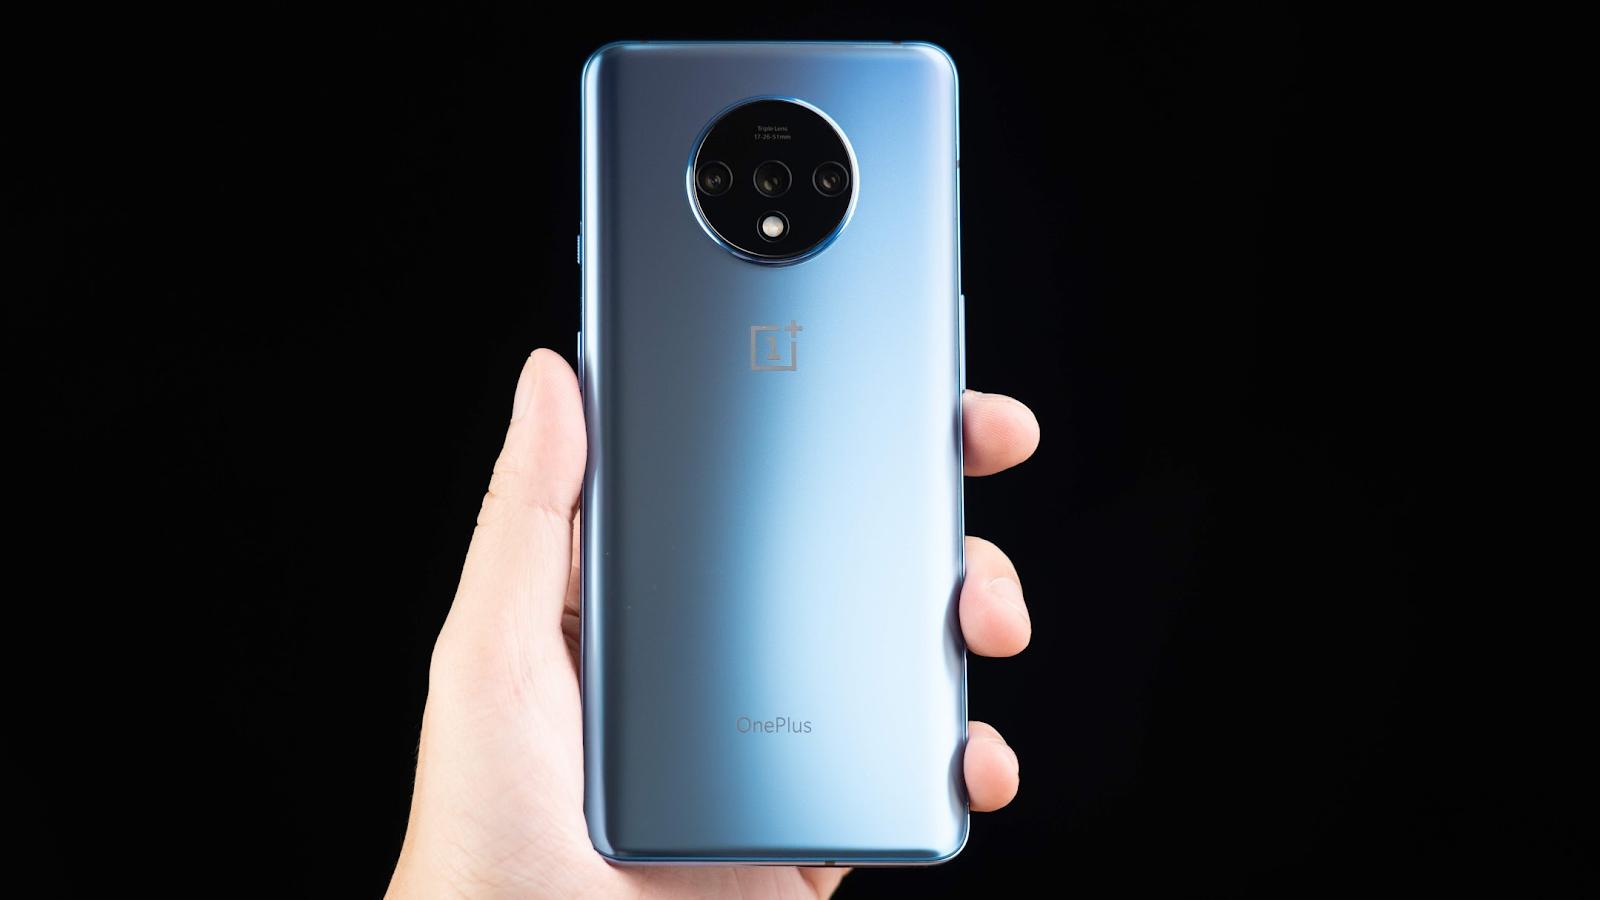 開箱在京東買的一加 OnePlus 7T!該怎麼安裝 Google、刷氧OS? - 3